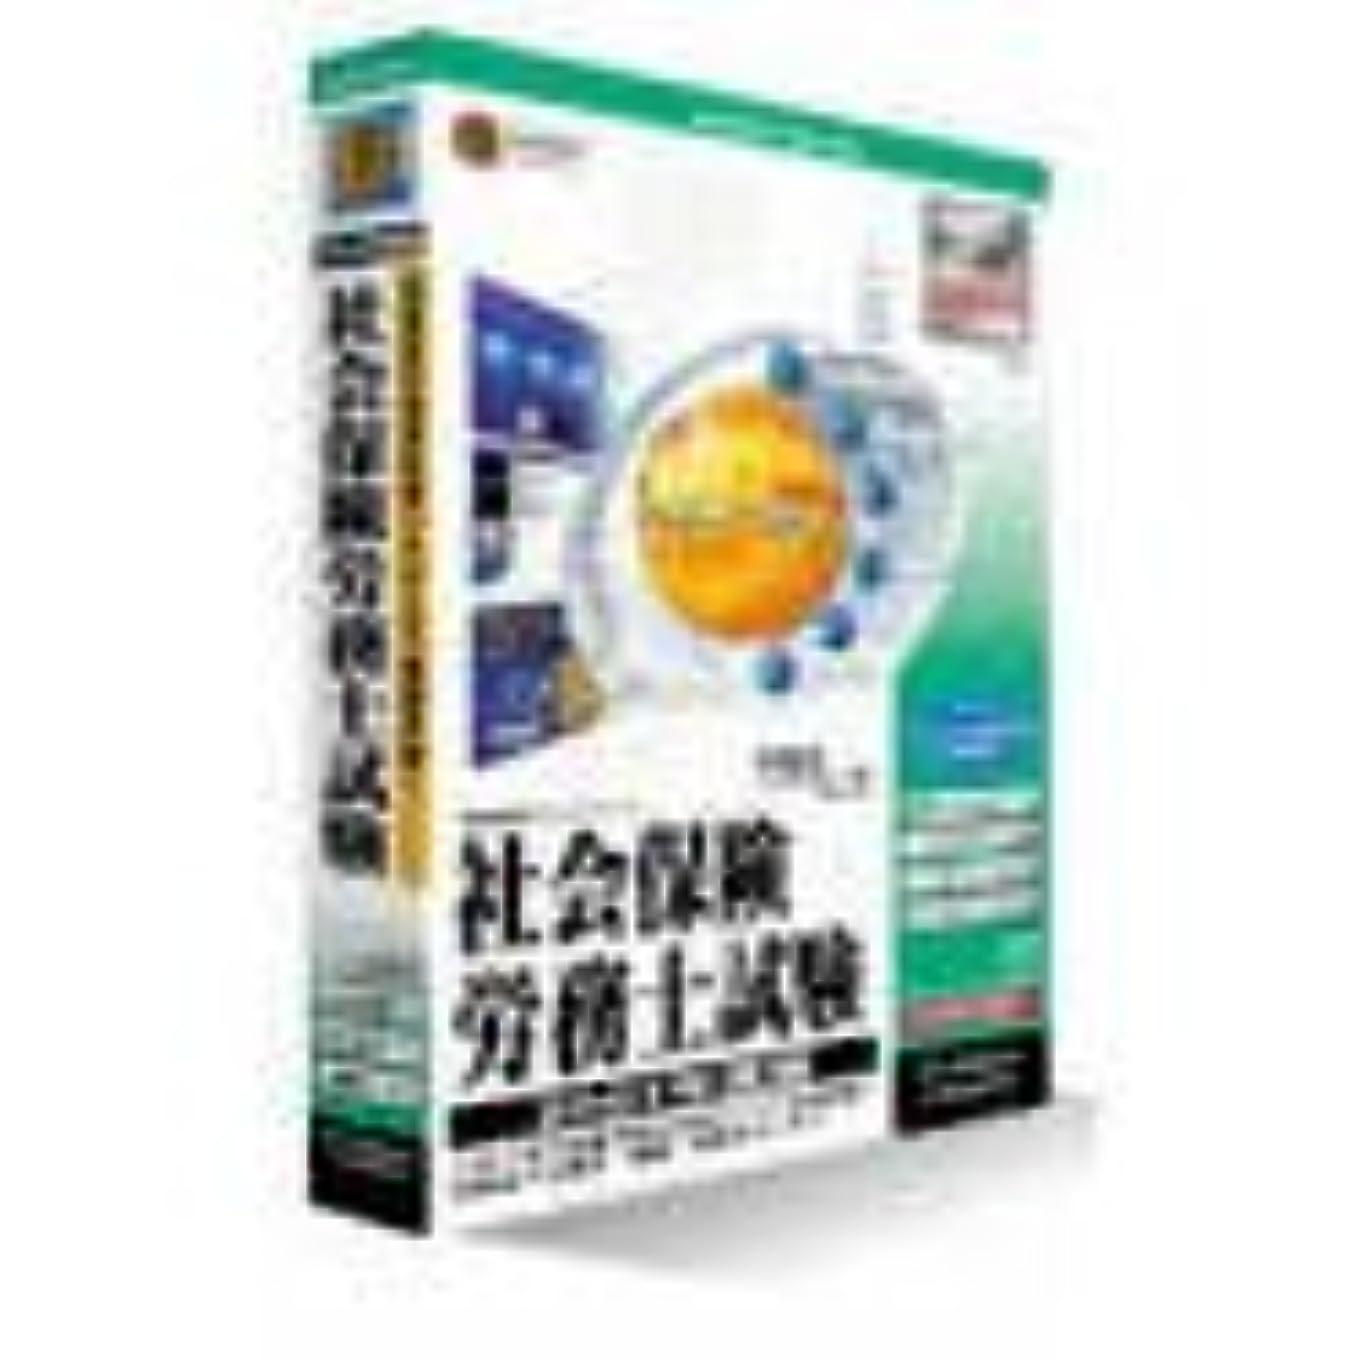 夜カニ娘media5 Special 資格試験サクセスシリーズ 社会保険労務士試験 2002年度版